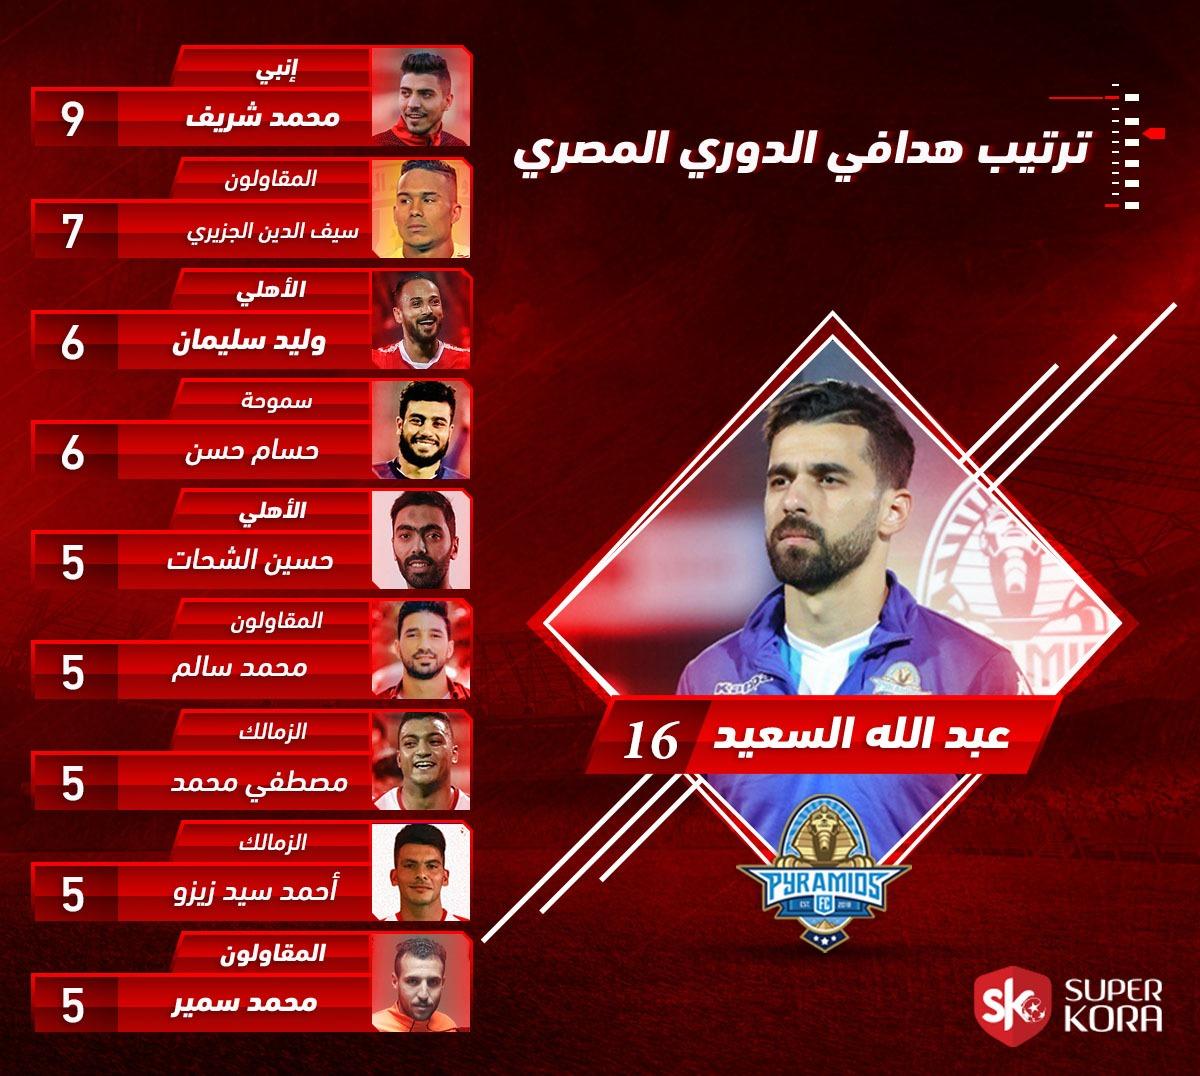 ما هو جدول ترتيب هدافي الدوري المصري بعد مباراة الاتحاد السكندرى ضد الزمالك